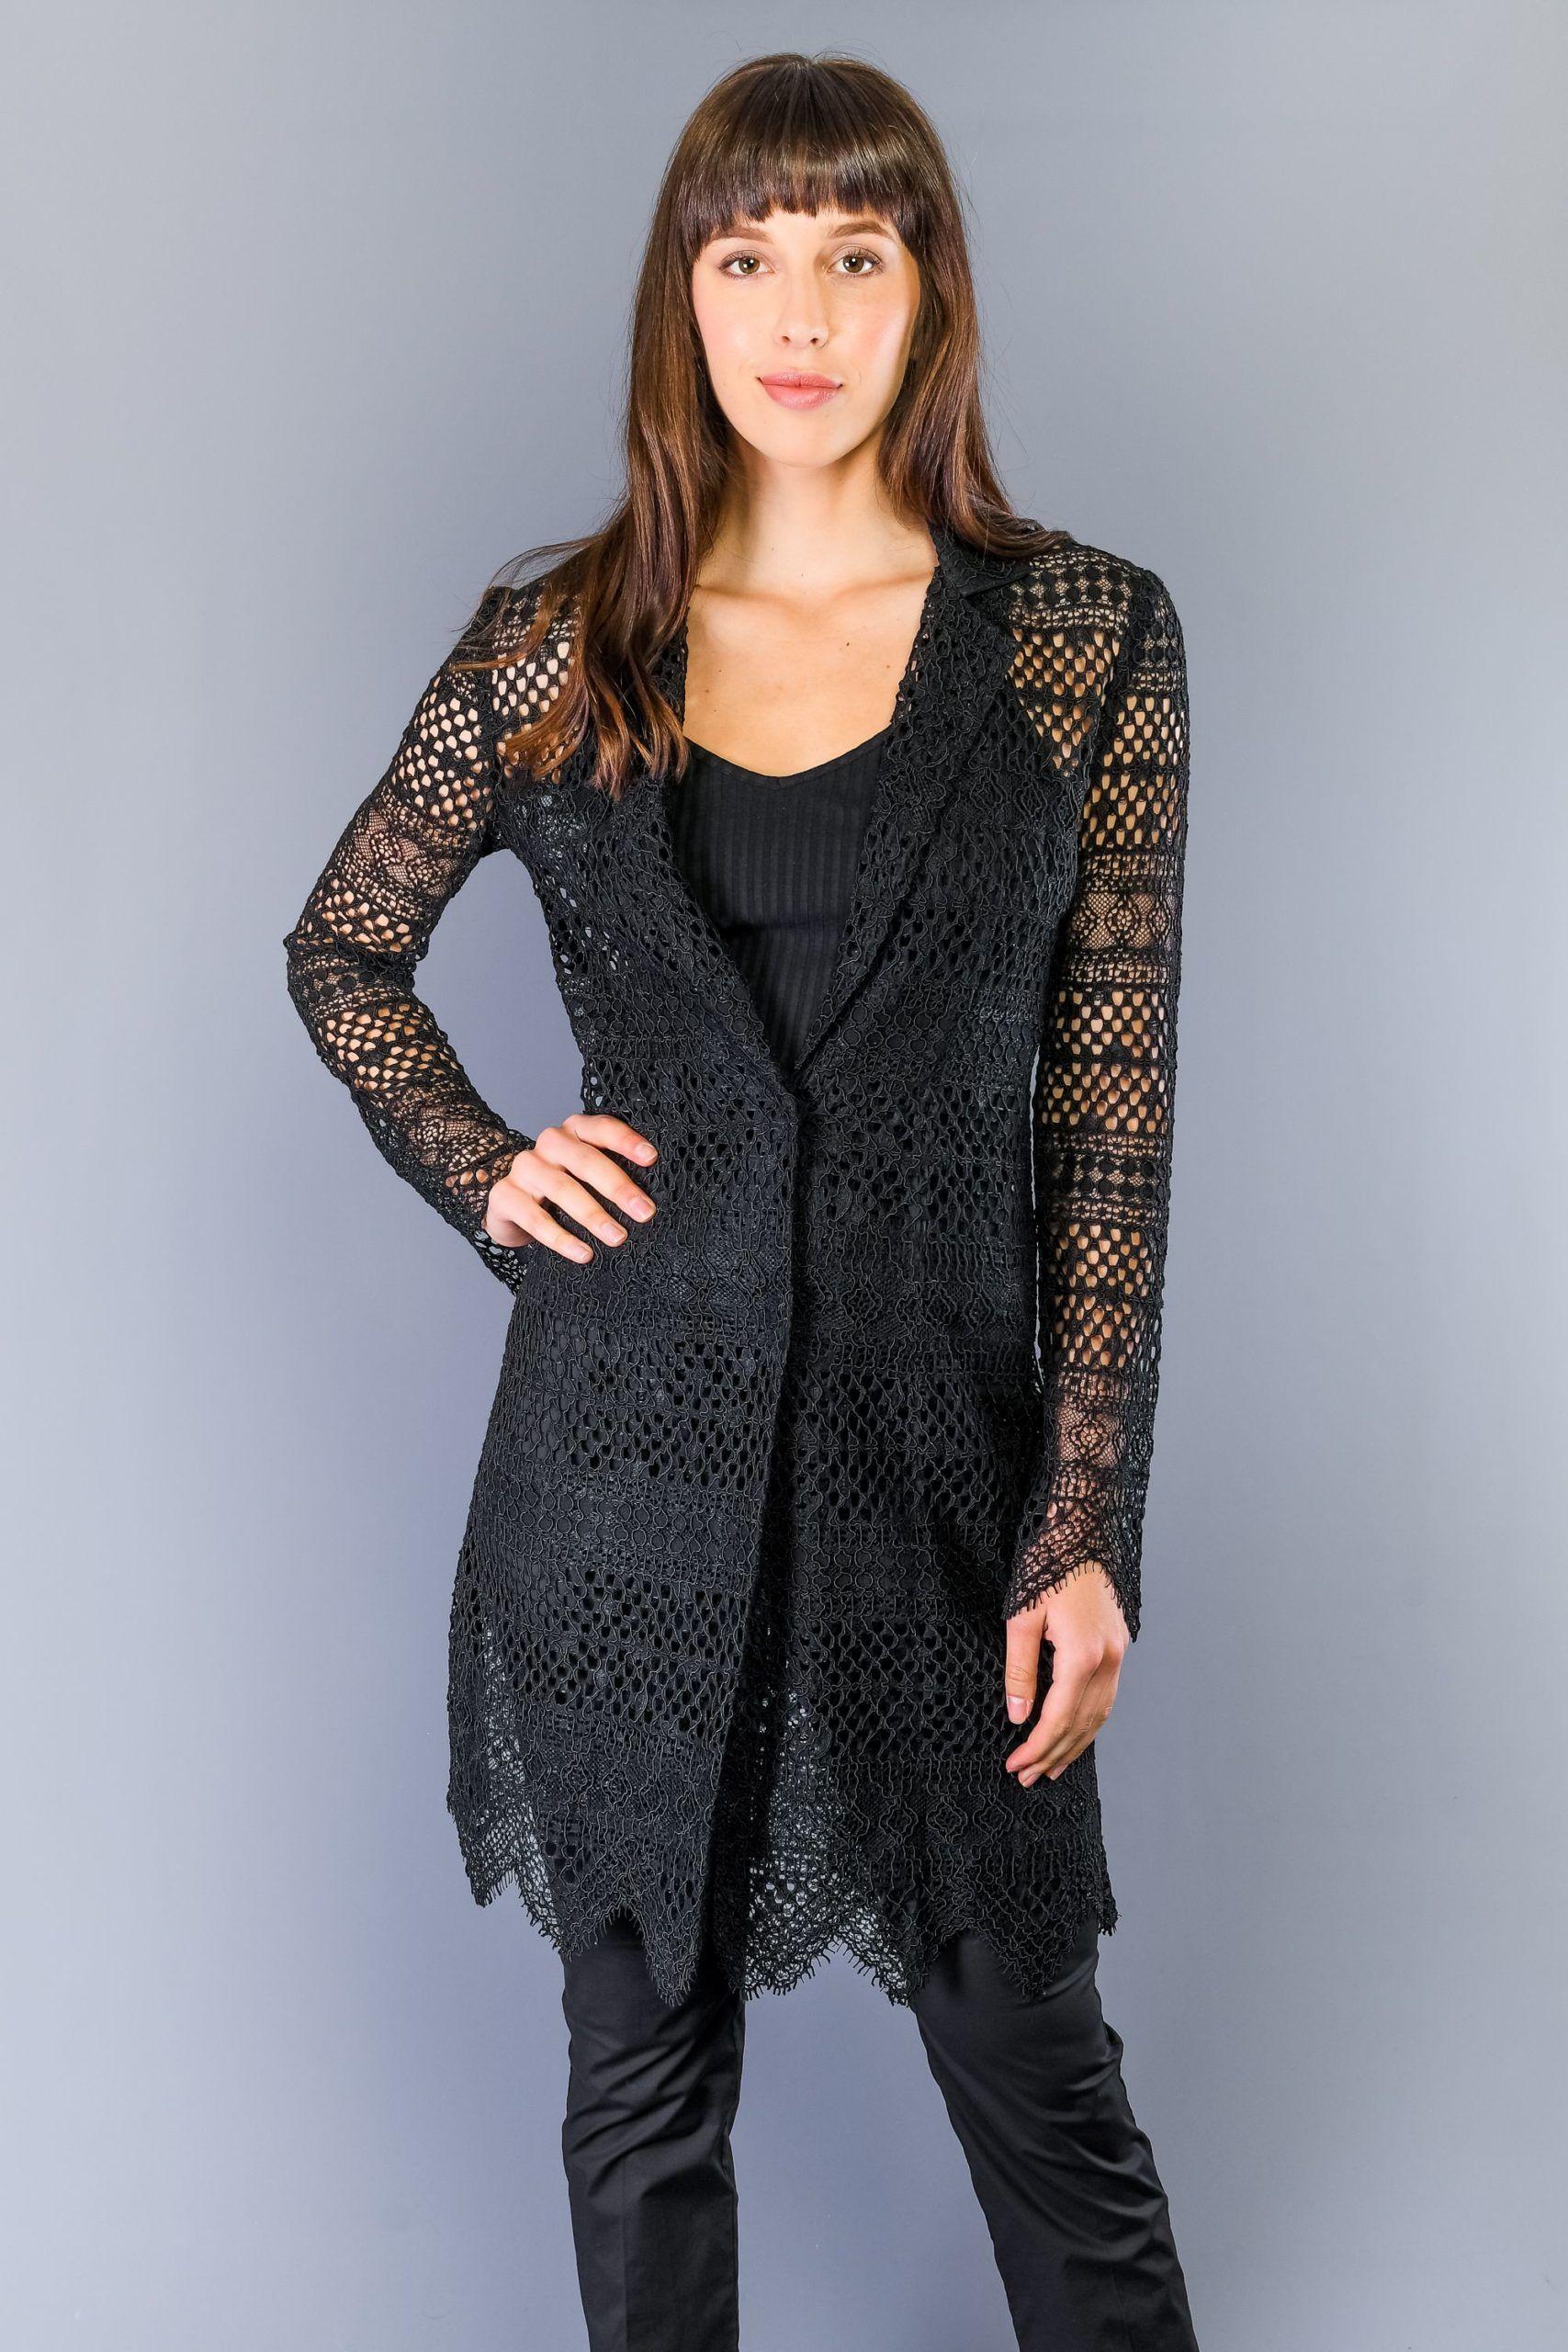 Twinset Nero Black Jackets & Coat